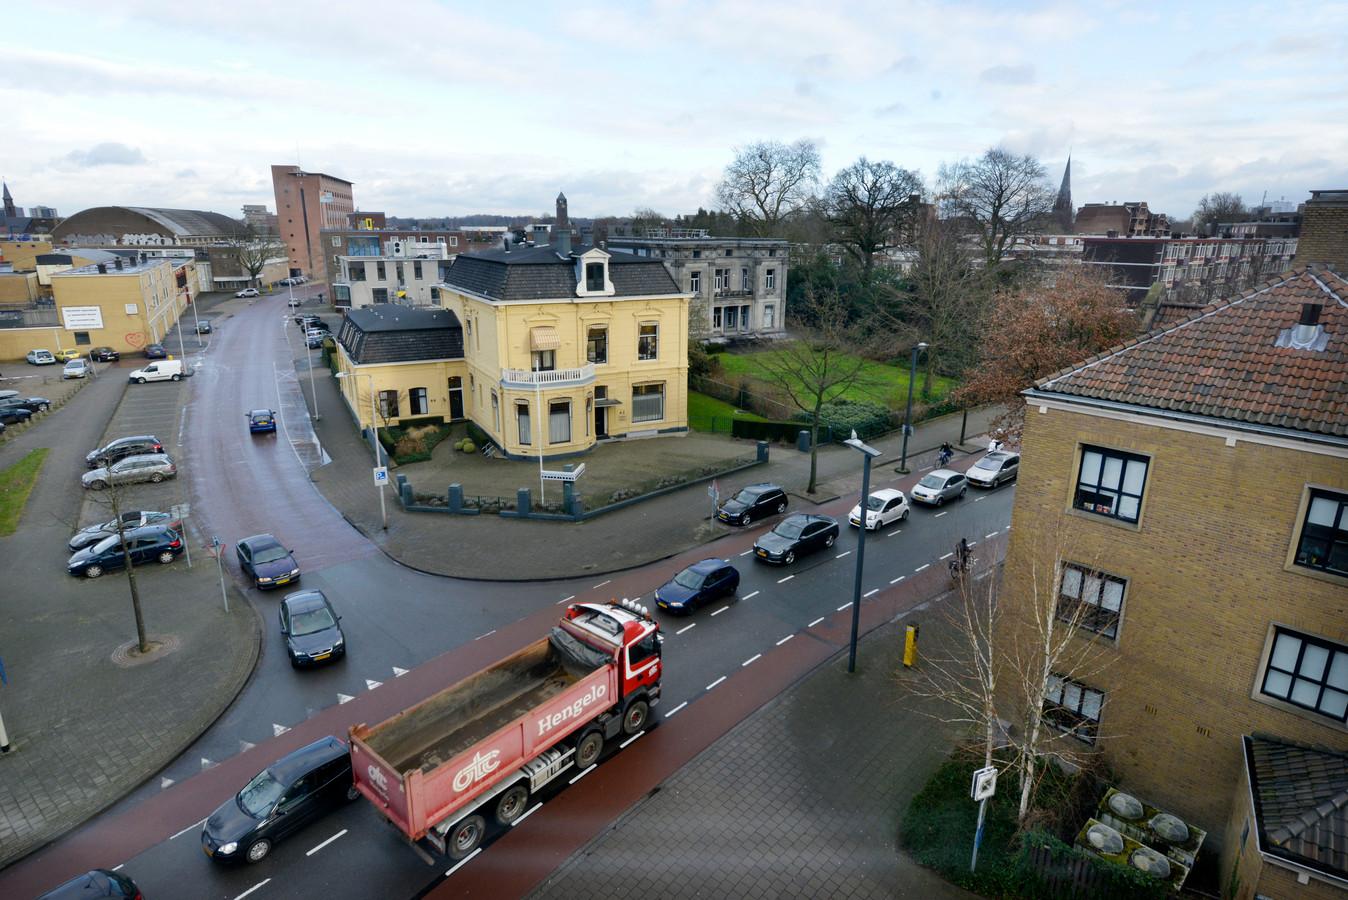 Het gele kantoor is van Hofsteenge Wesseling Notarissen, rechts er naast villa De Wiem (beoogde nieuwe locatie Tactus) en rechts op de voorgrond zit het Leger des Heils. Achter het notariskantoor zit Tactus met de crisisopvang en verderop in de Reiffeisenstraat zit Mediant GGZ.